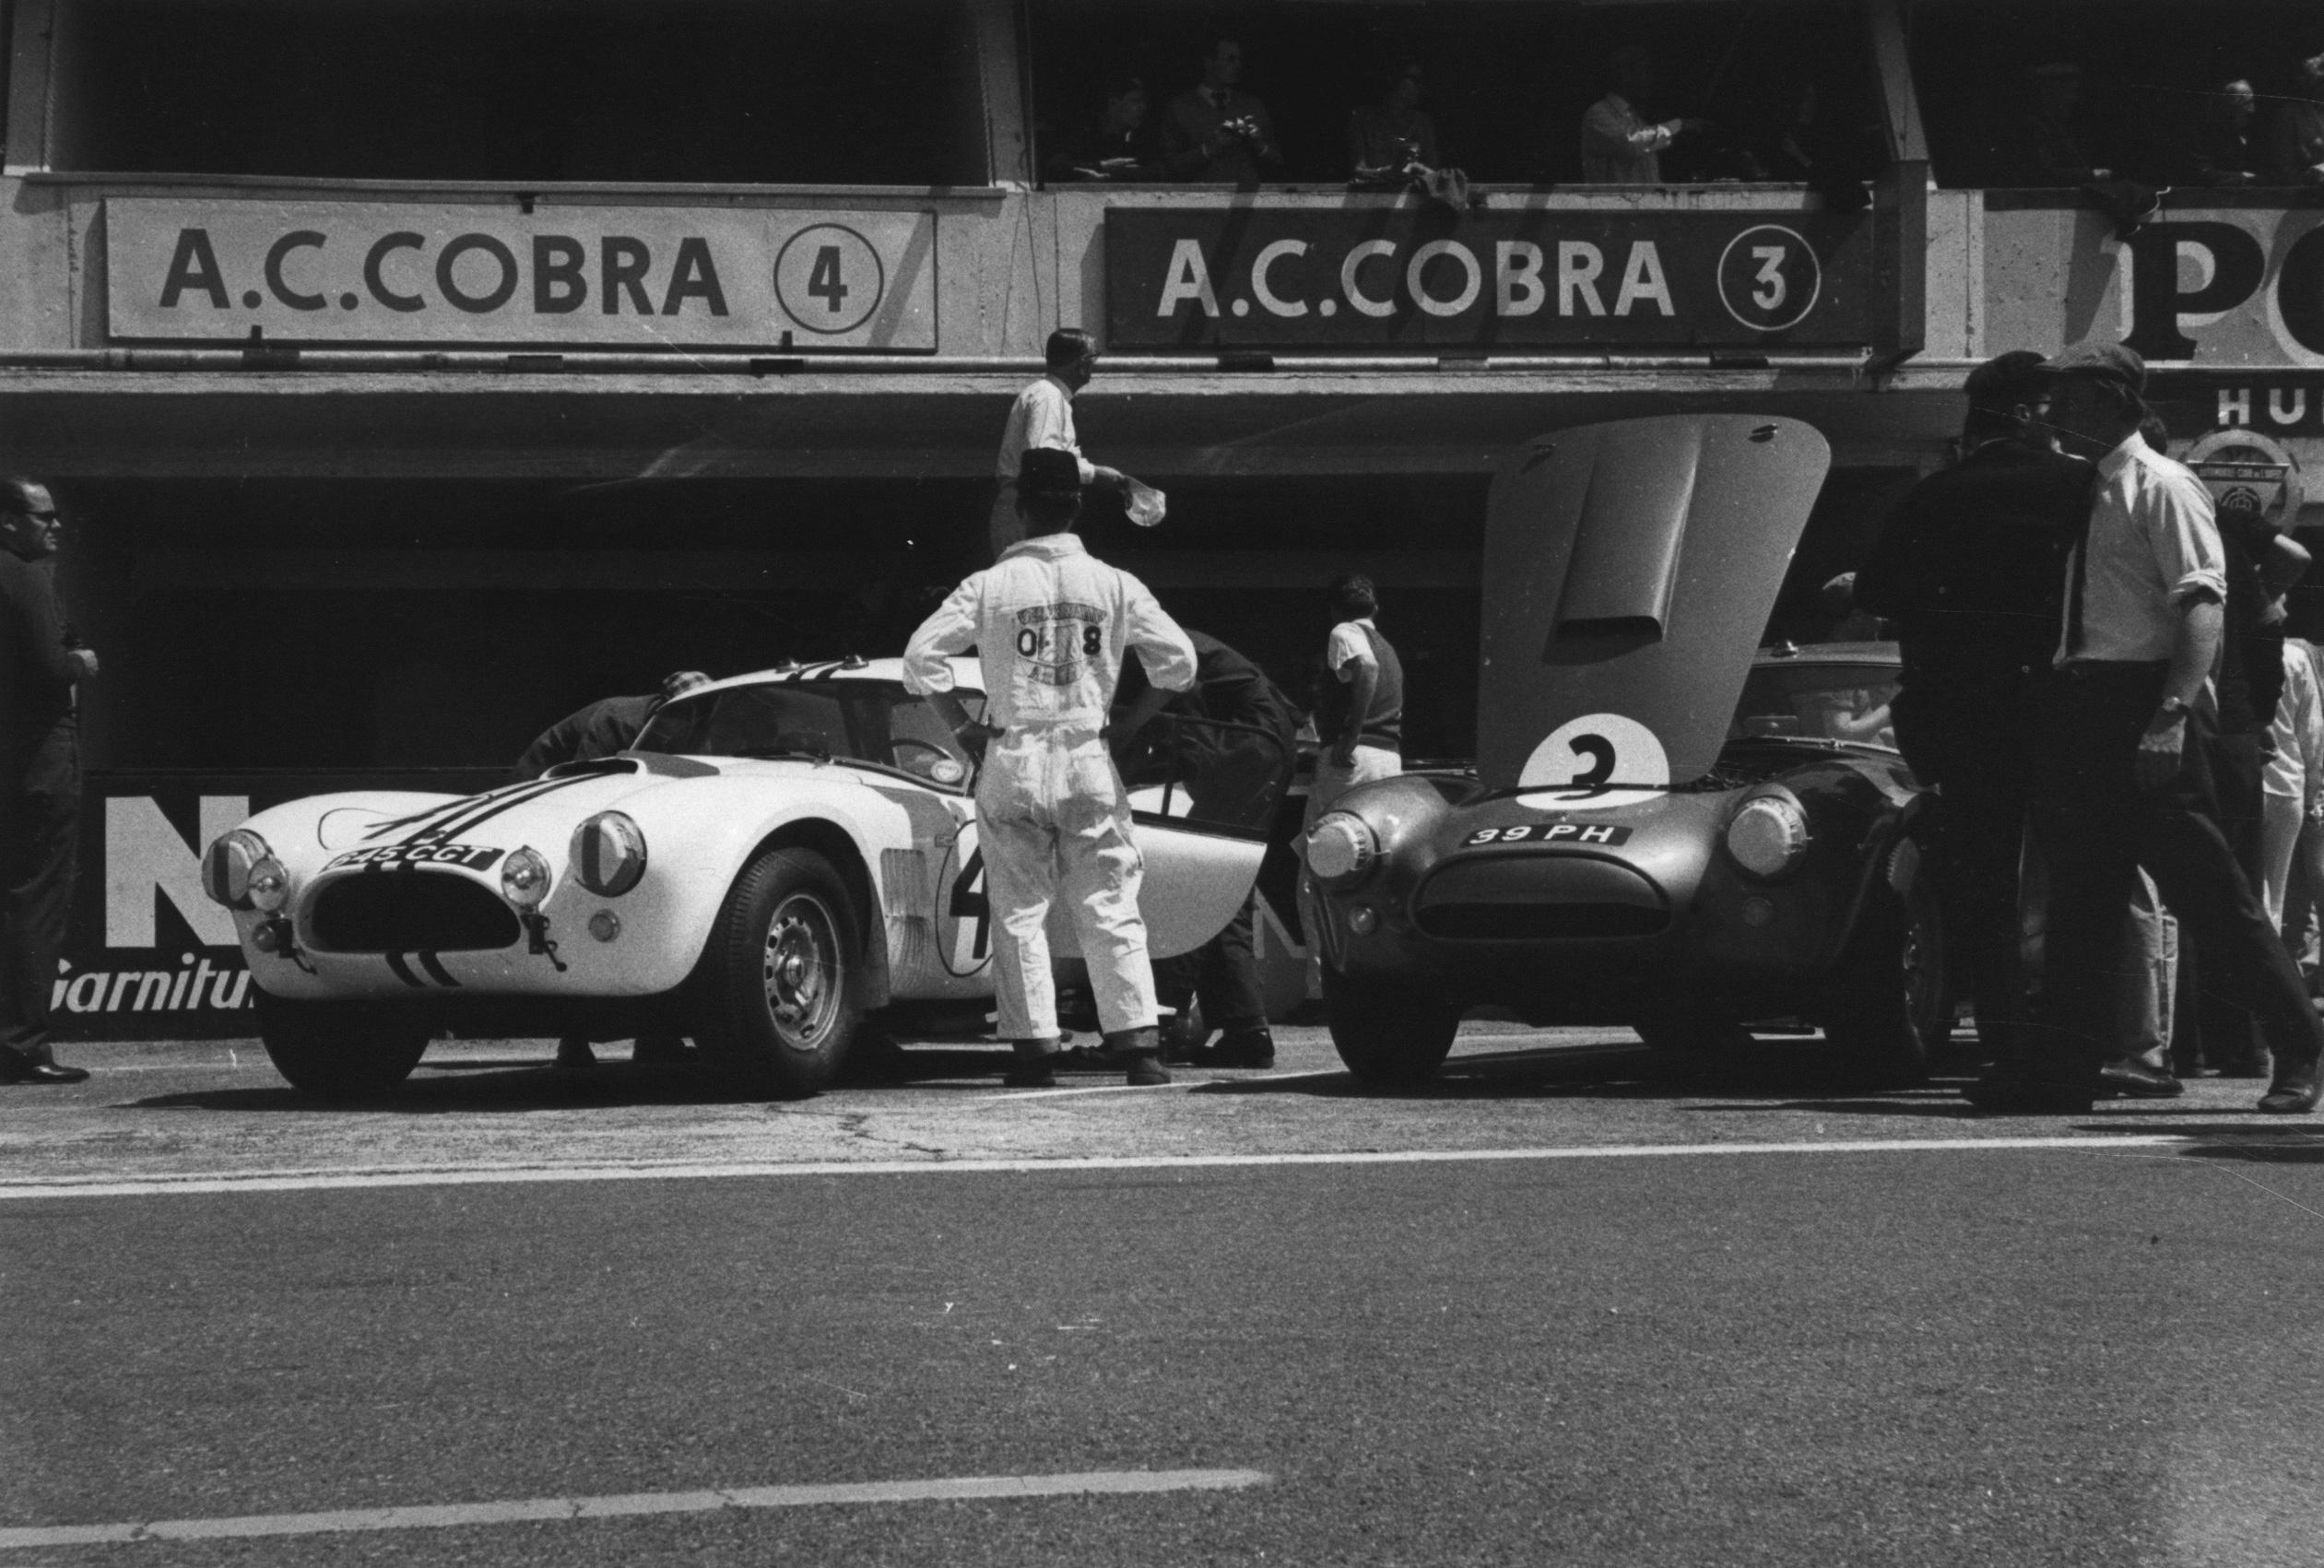 AC Cobra Le Mans elétrico